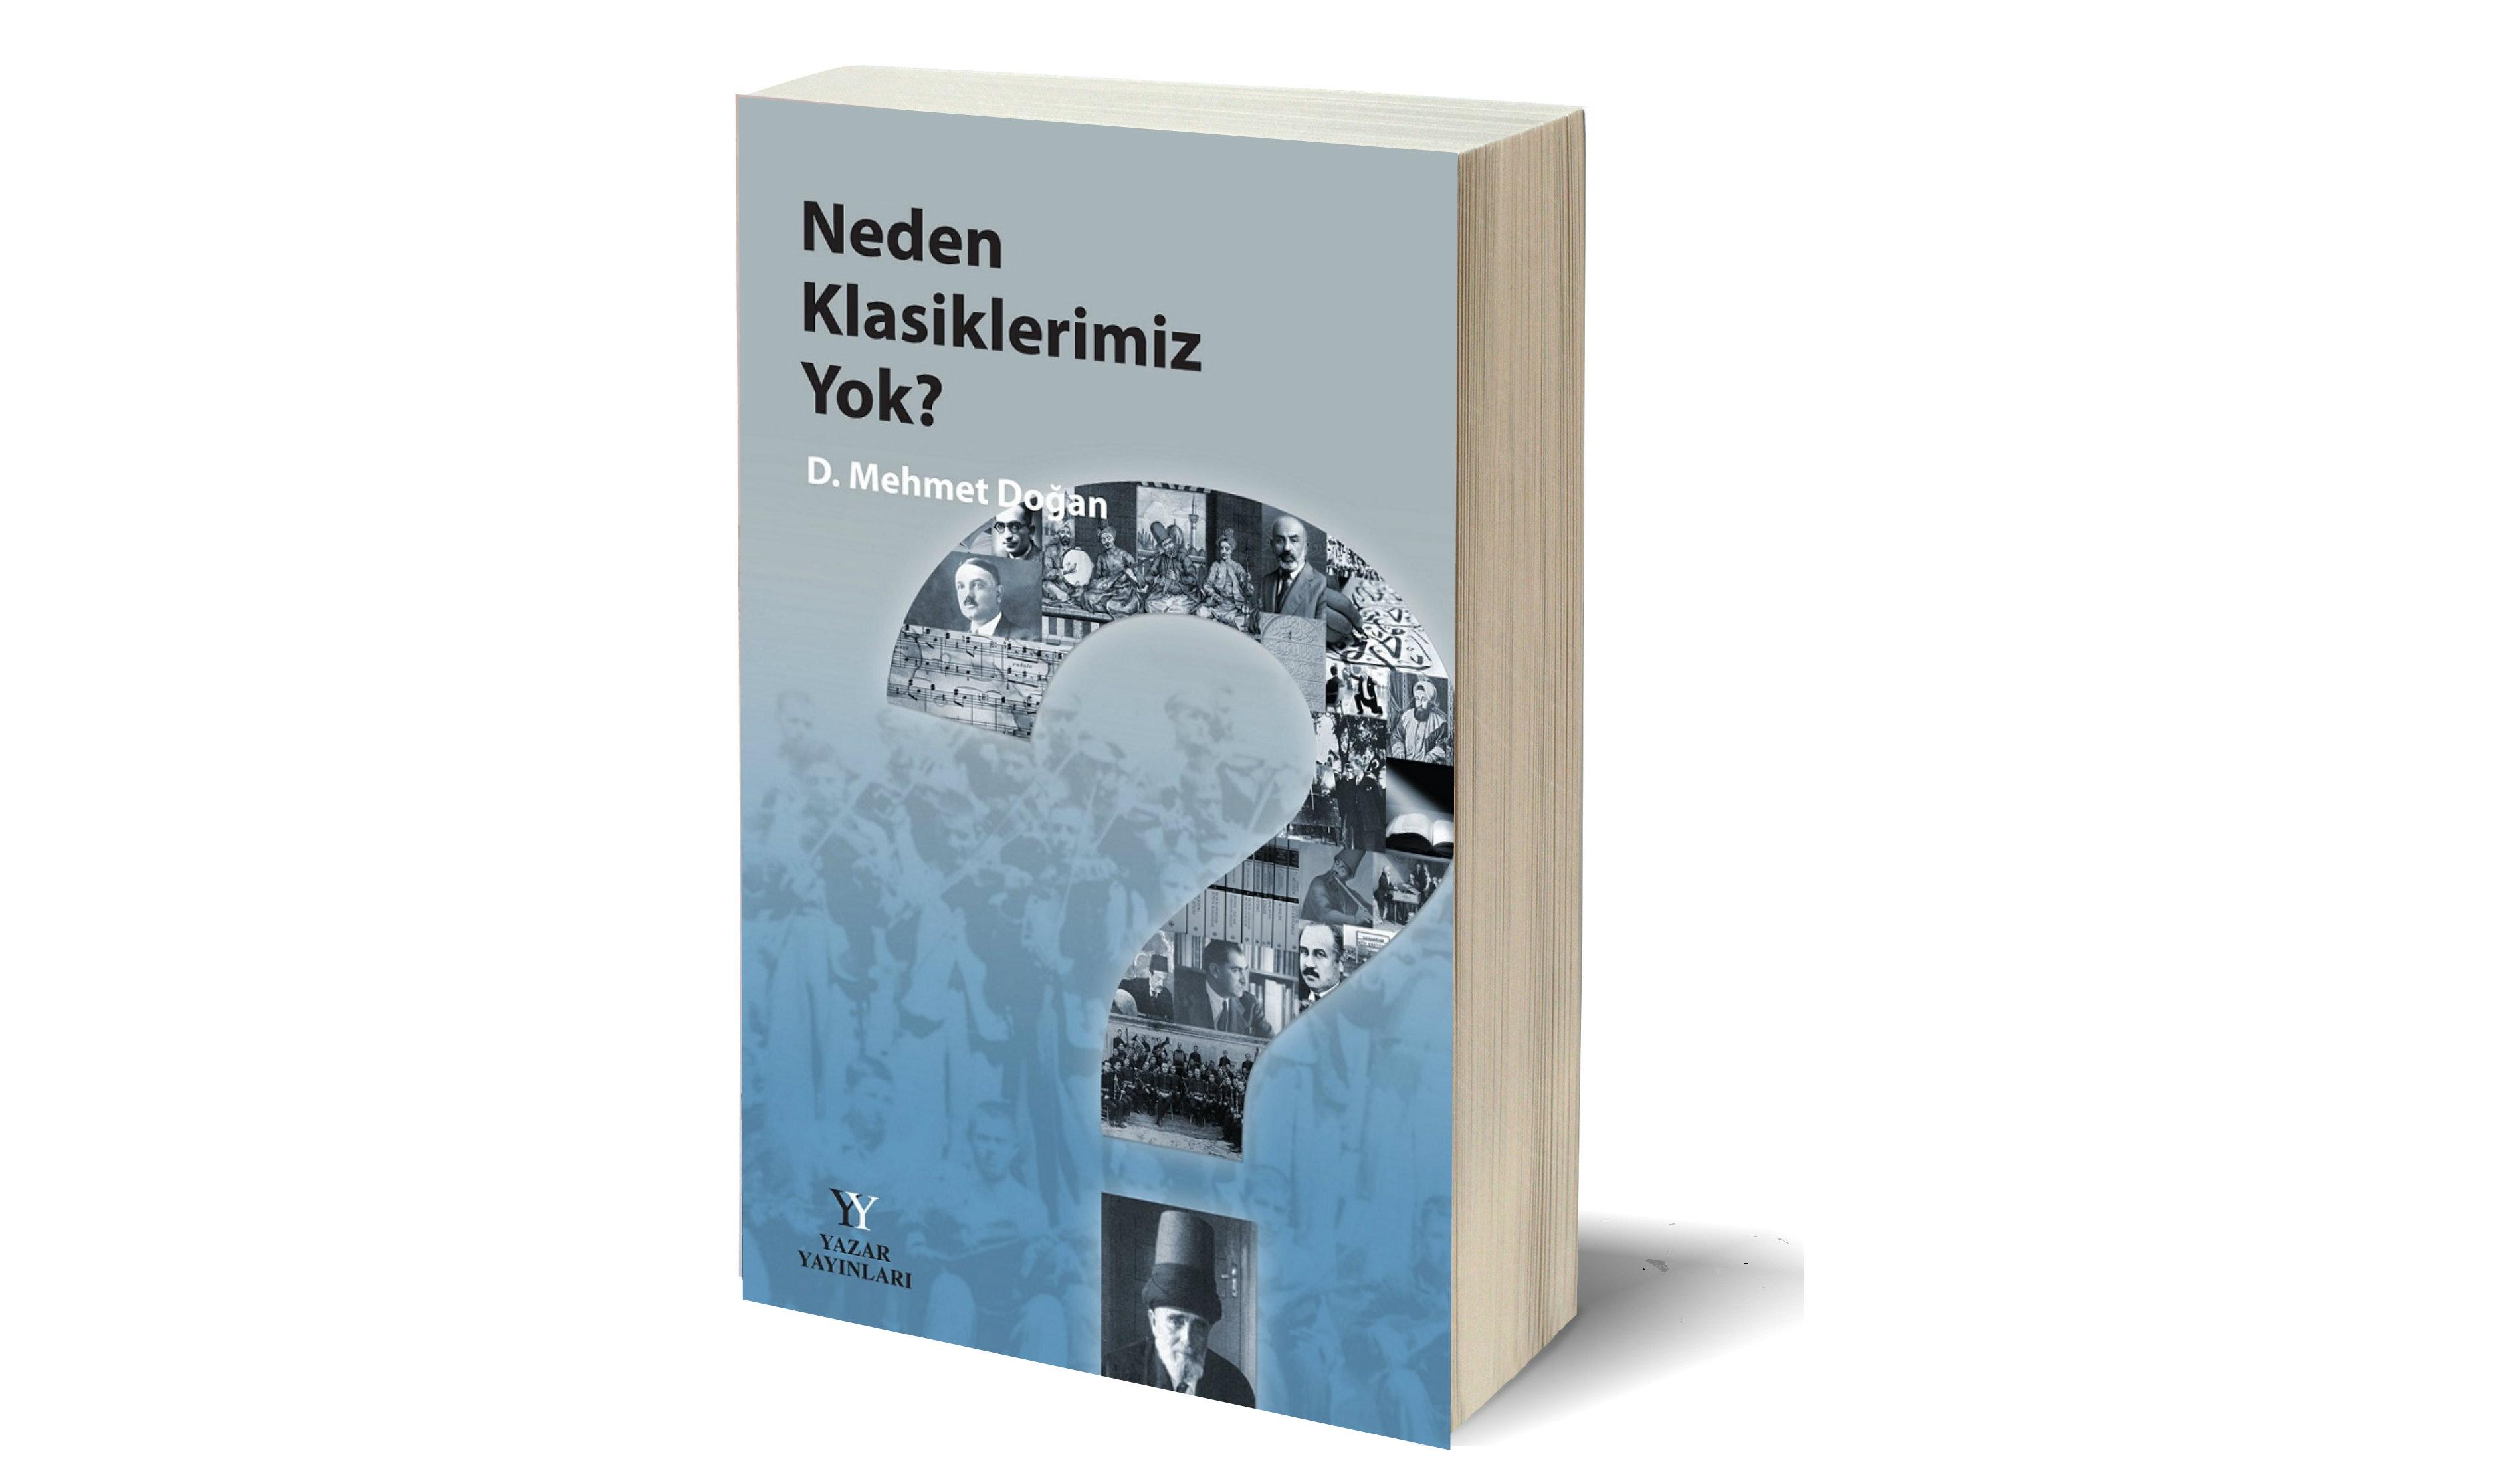 D. Mehmet Doğan'dan yeni kitap: Neden Klasiklerimiz Yok?